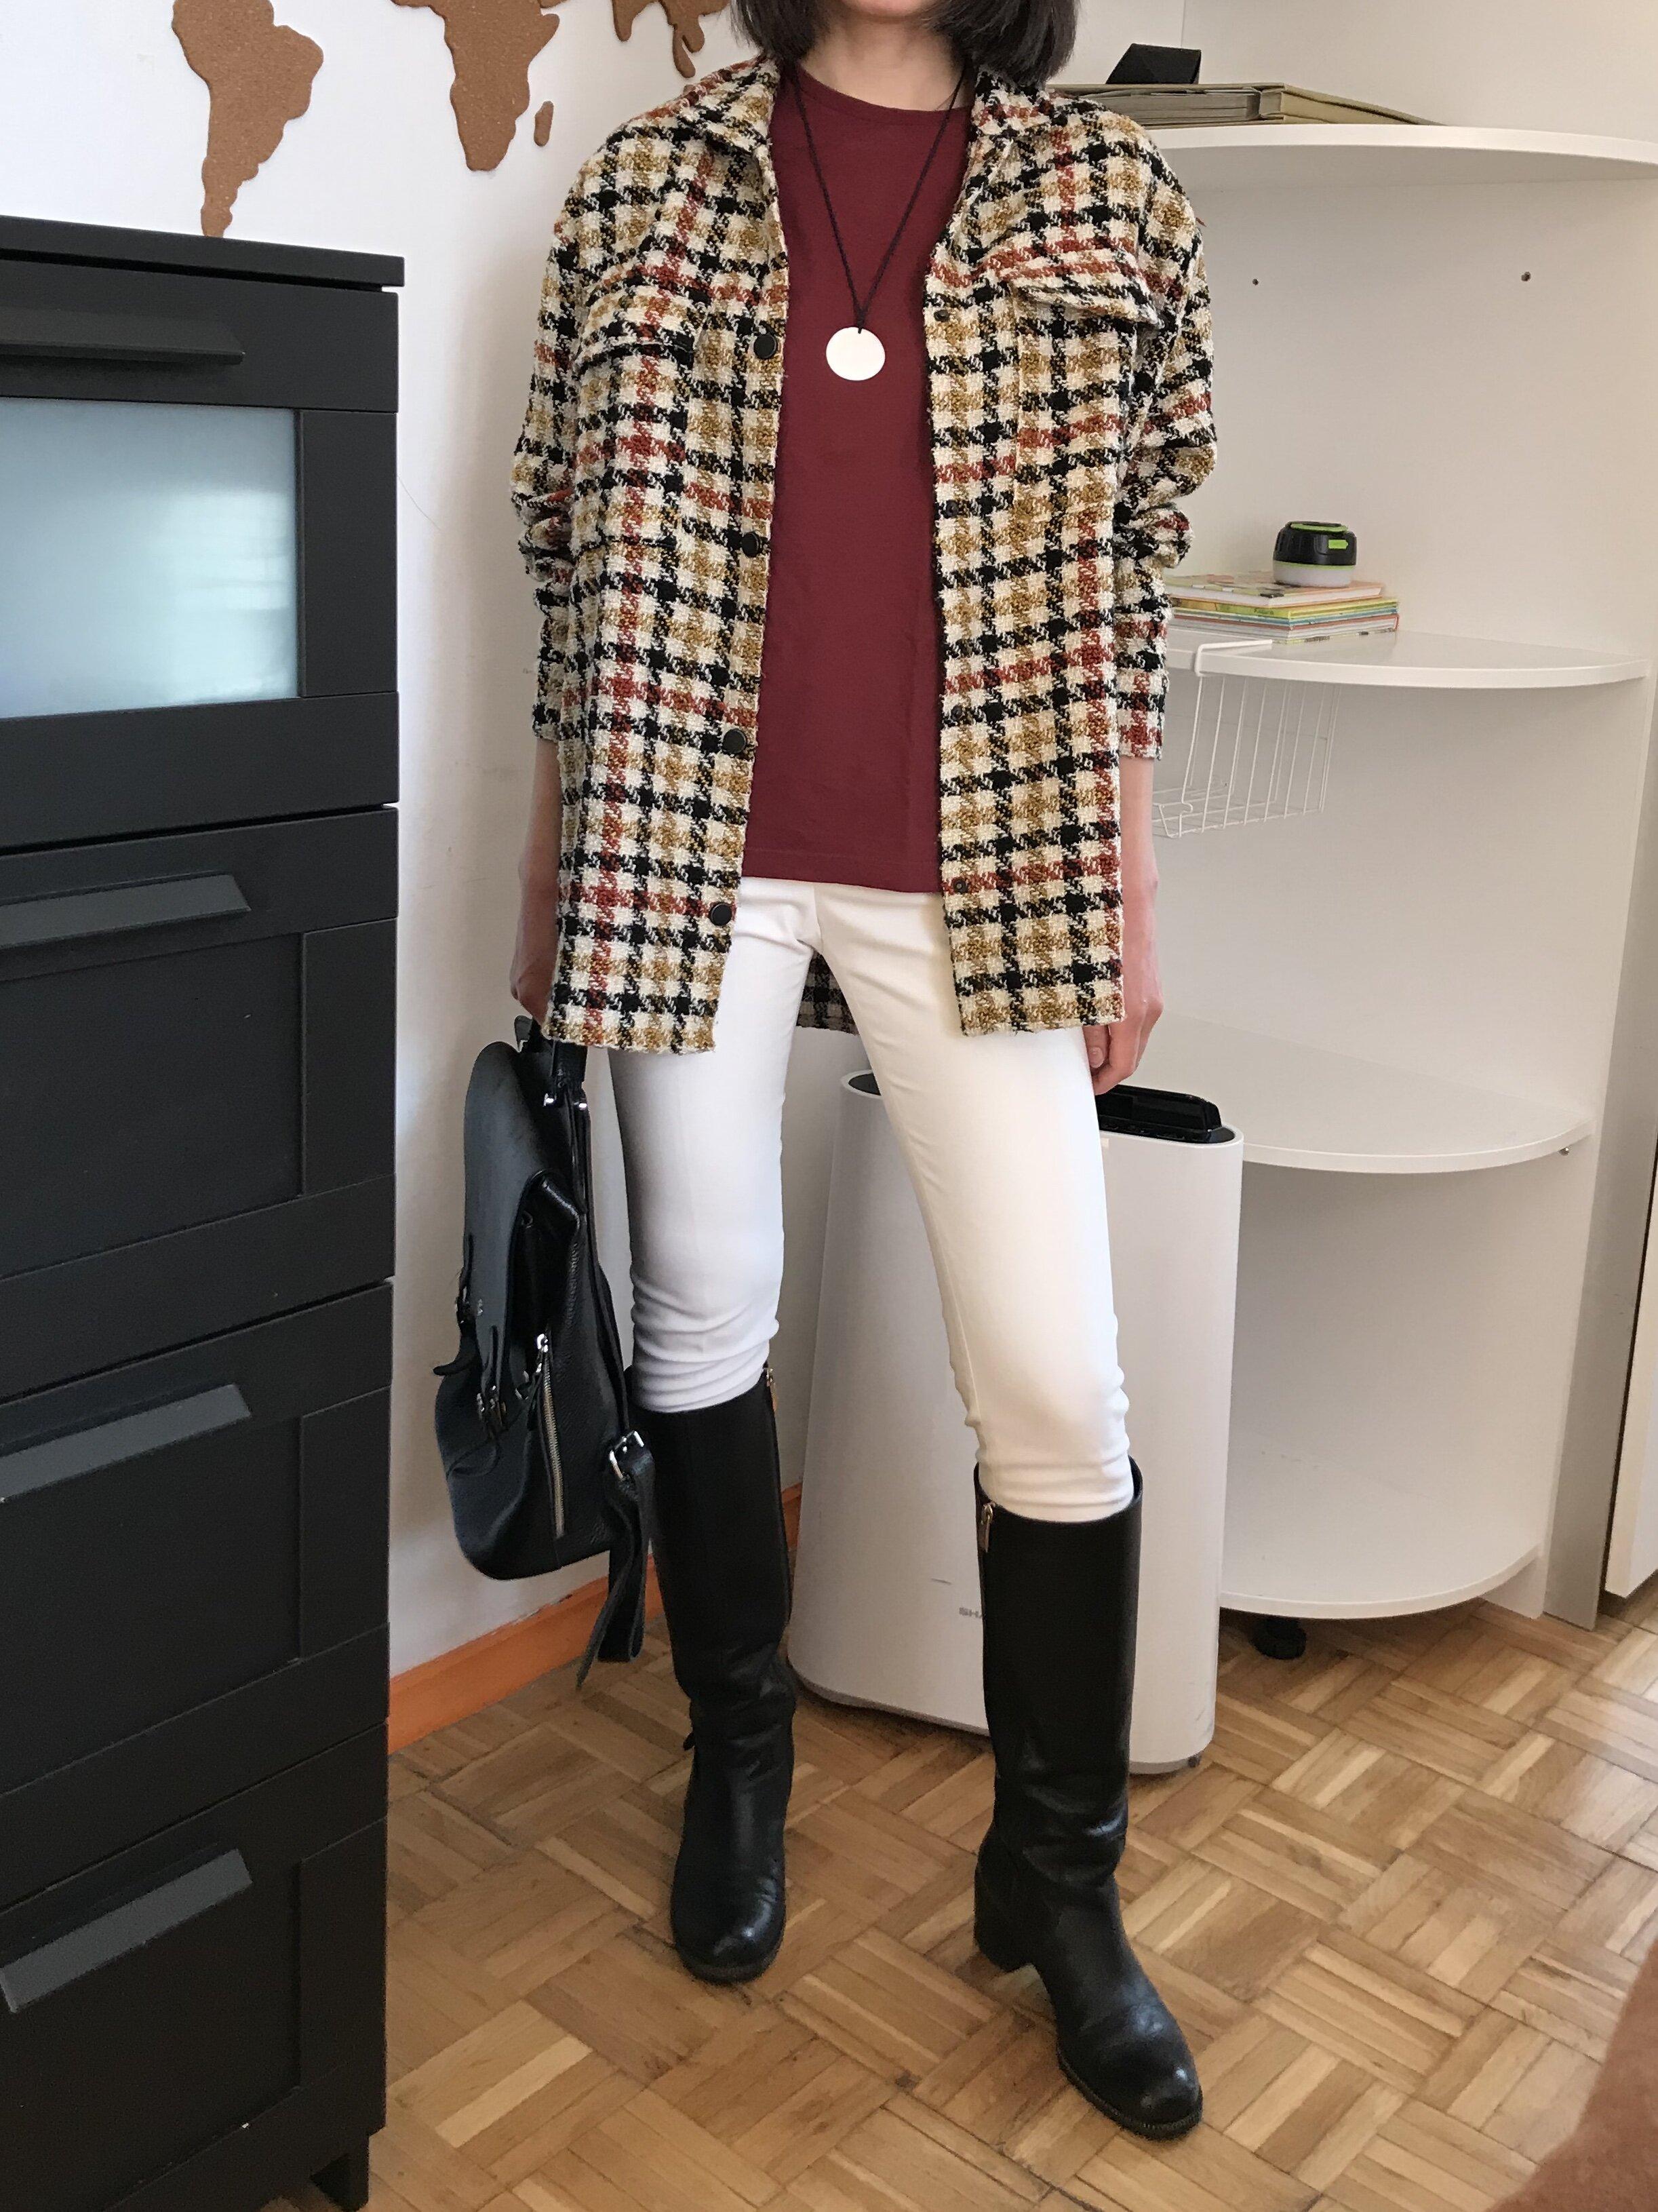 Разбор гардероба для Карины